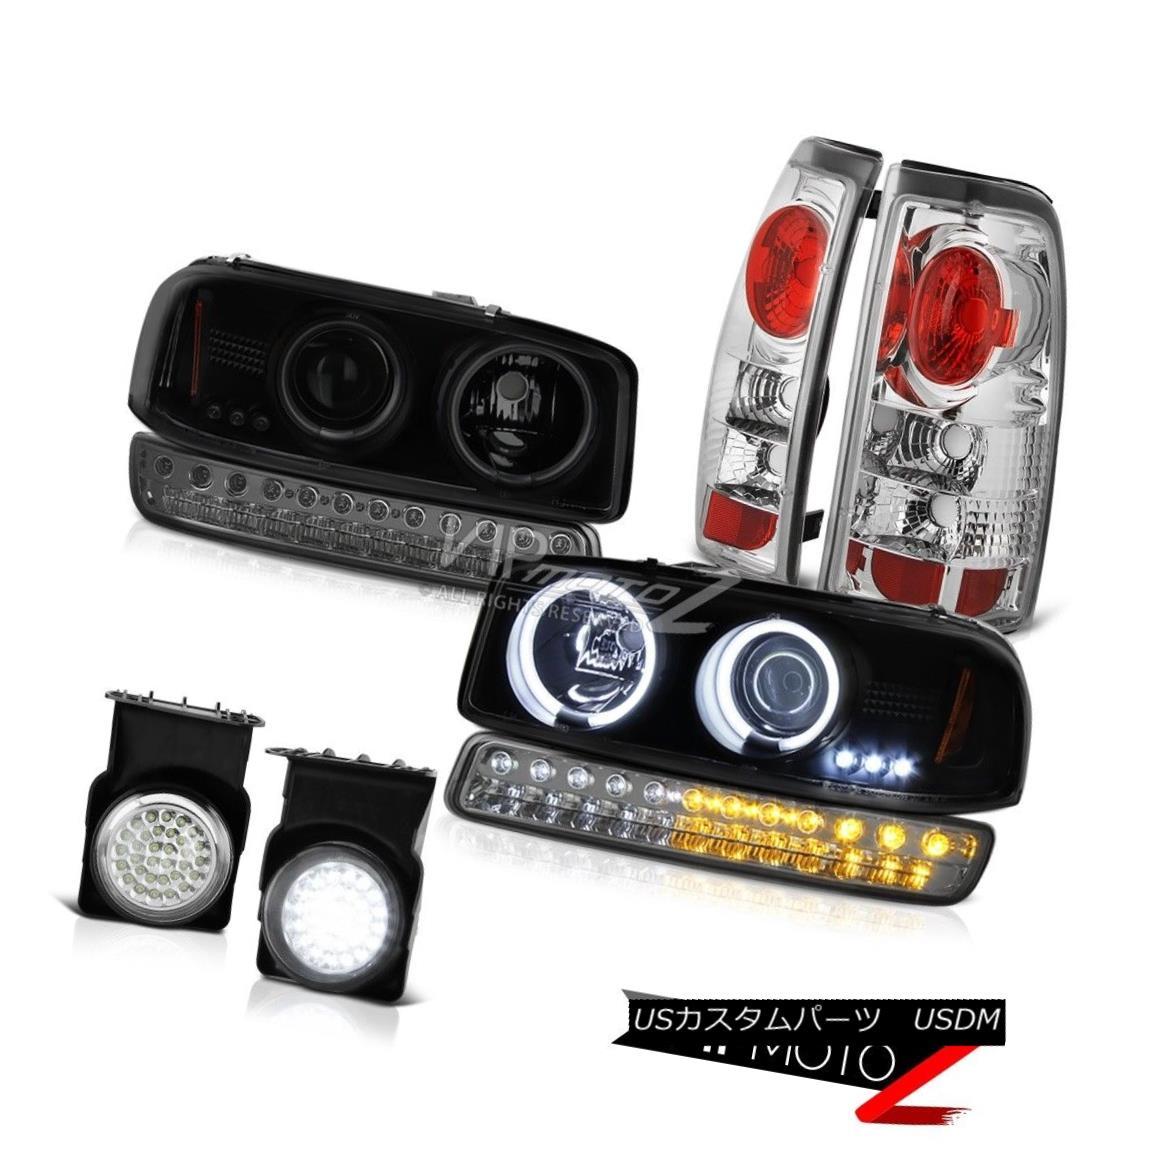 車用品 バイク用品 >> パーツ ライト 休み ランプ ヘッドライト 03-06 Sierra 2500 Headlamps Smokey Taillights 最安値挑戦 Rim Lights 2500フォグライトテールライトスモーキー駐車ランプヘッドランプHalo Lamp Parking Halo Fog